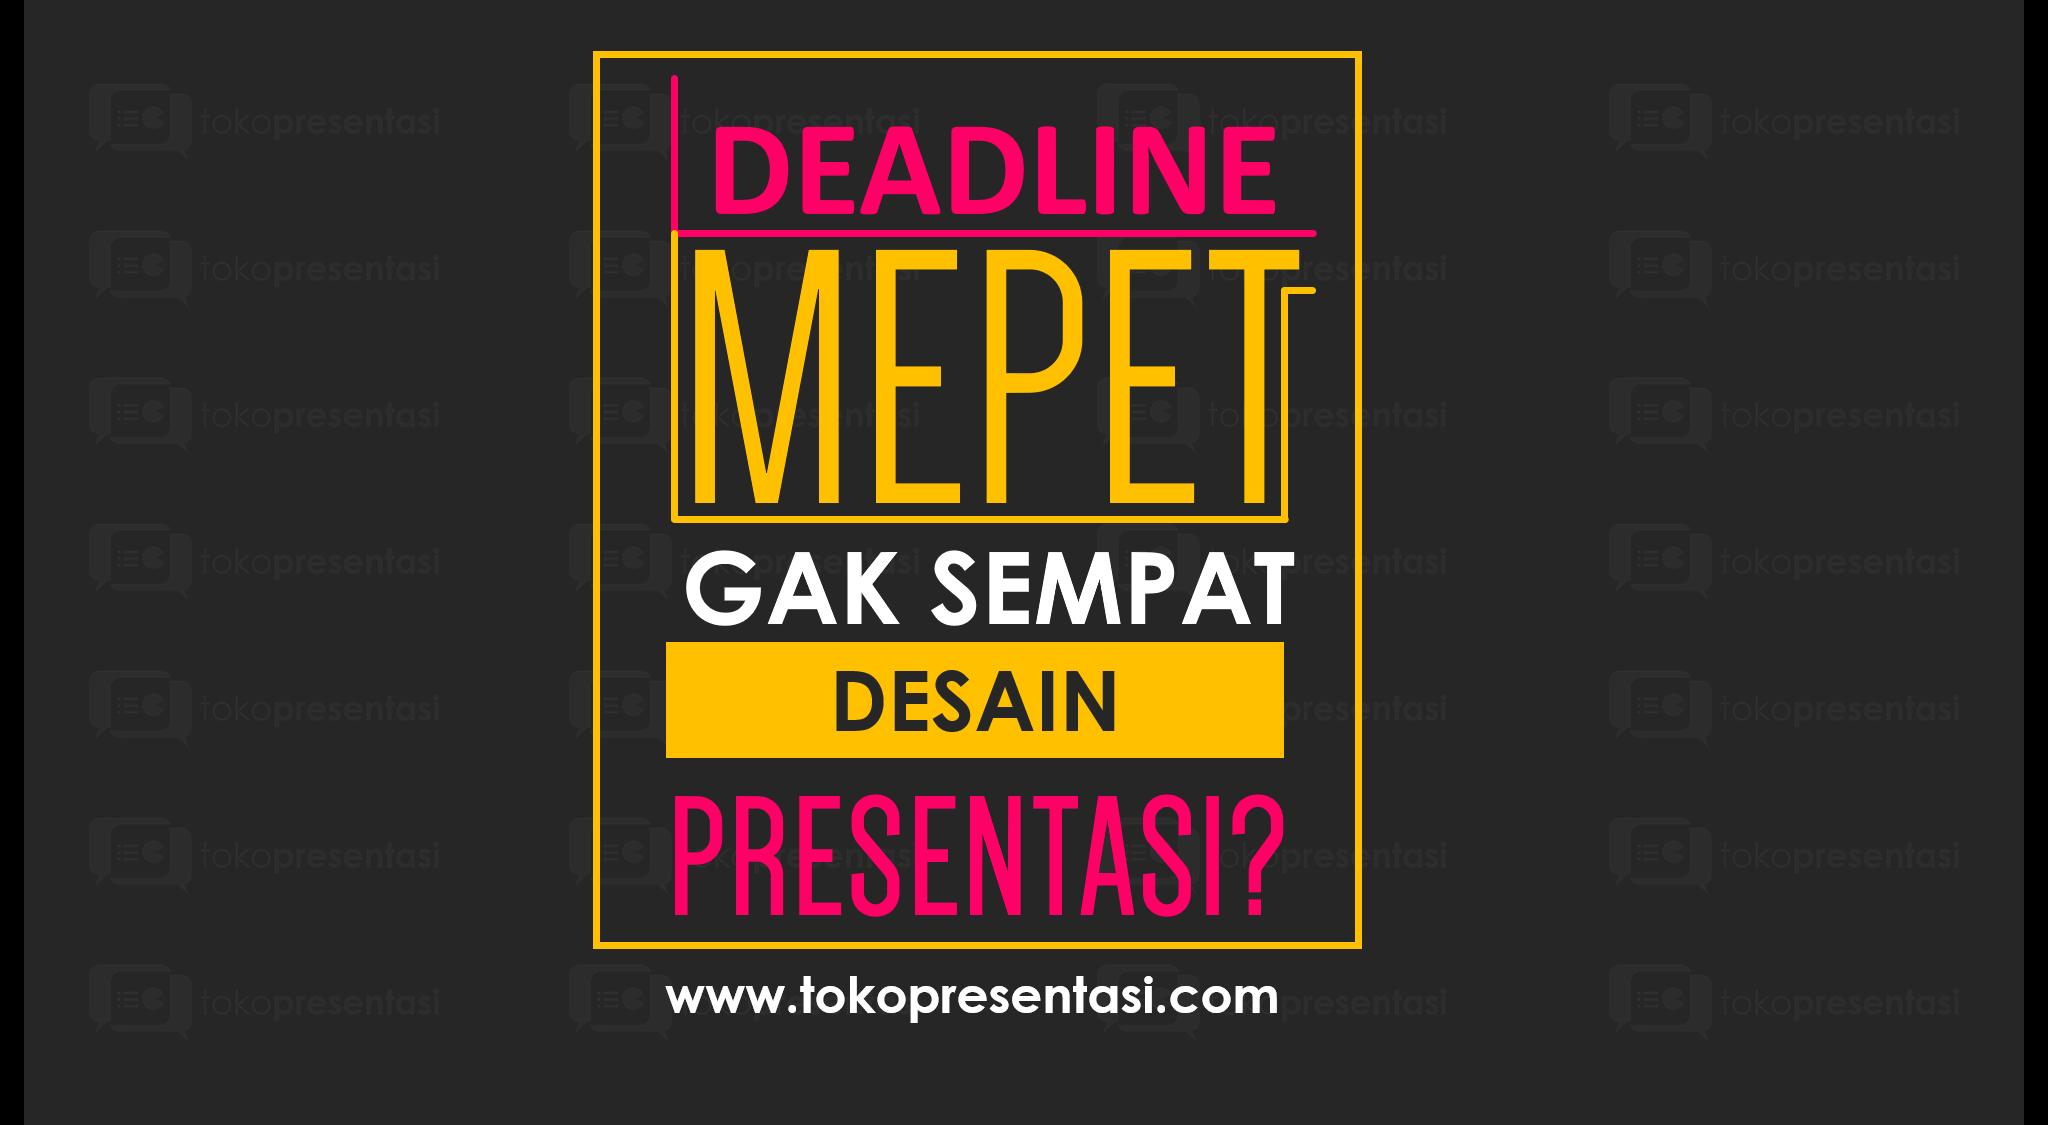 Jasa desain presentasi powerpoint terbaik termurah (tokopresentasi.com)